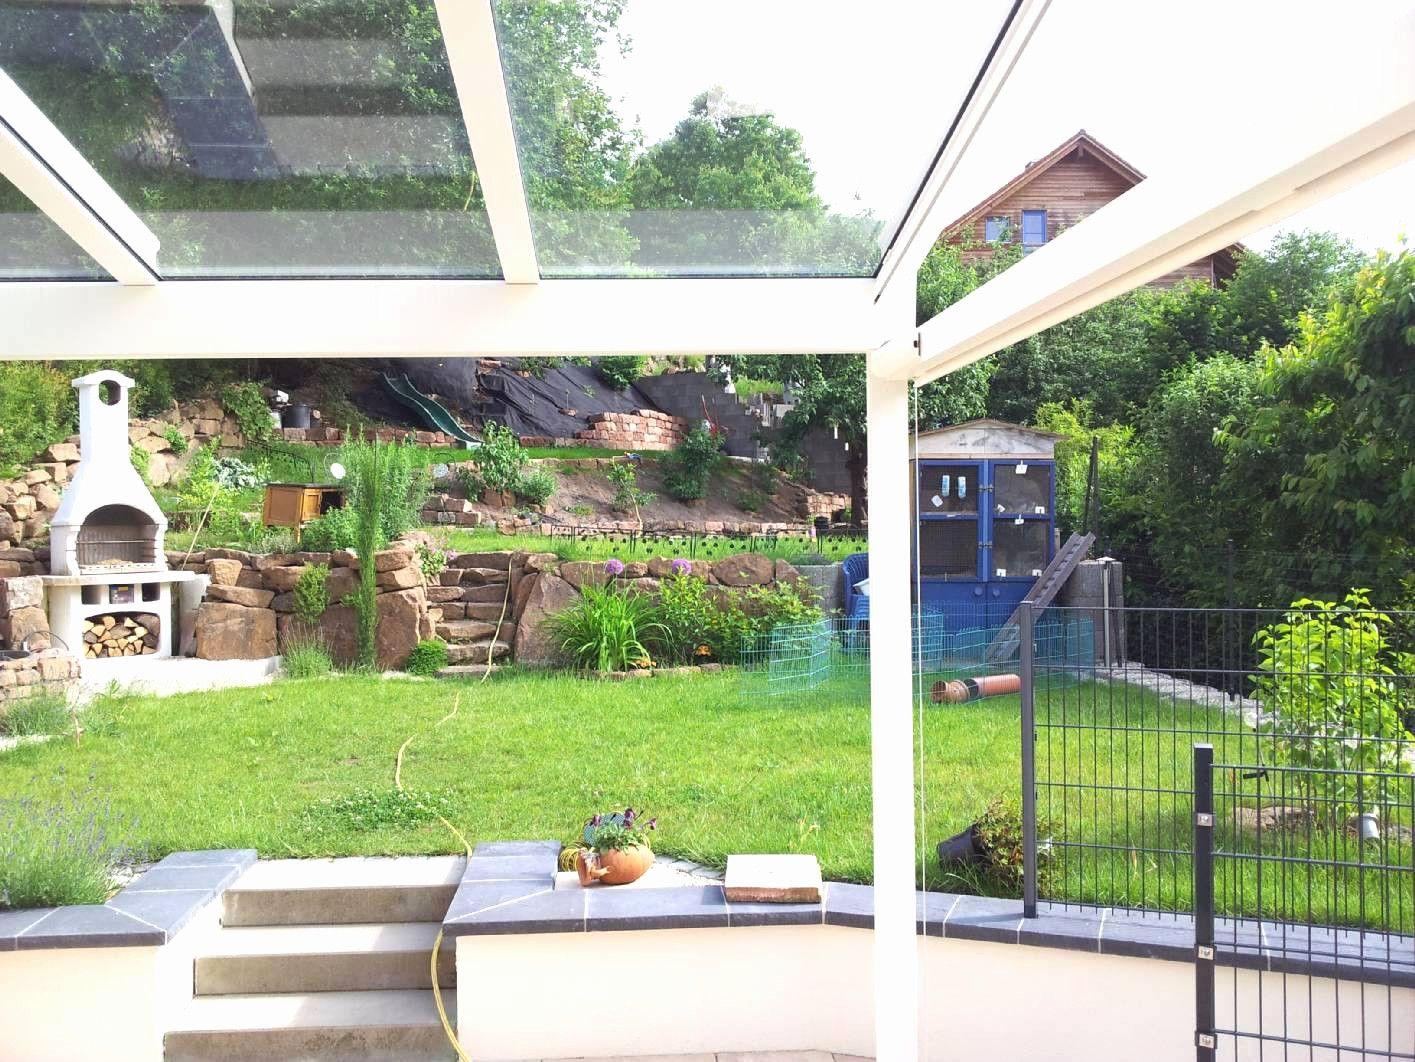 Oberteil 41 Für Balkon Sichtschutz Plexiglas (Dengan gambar)